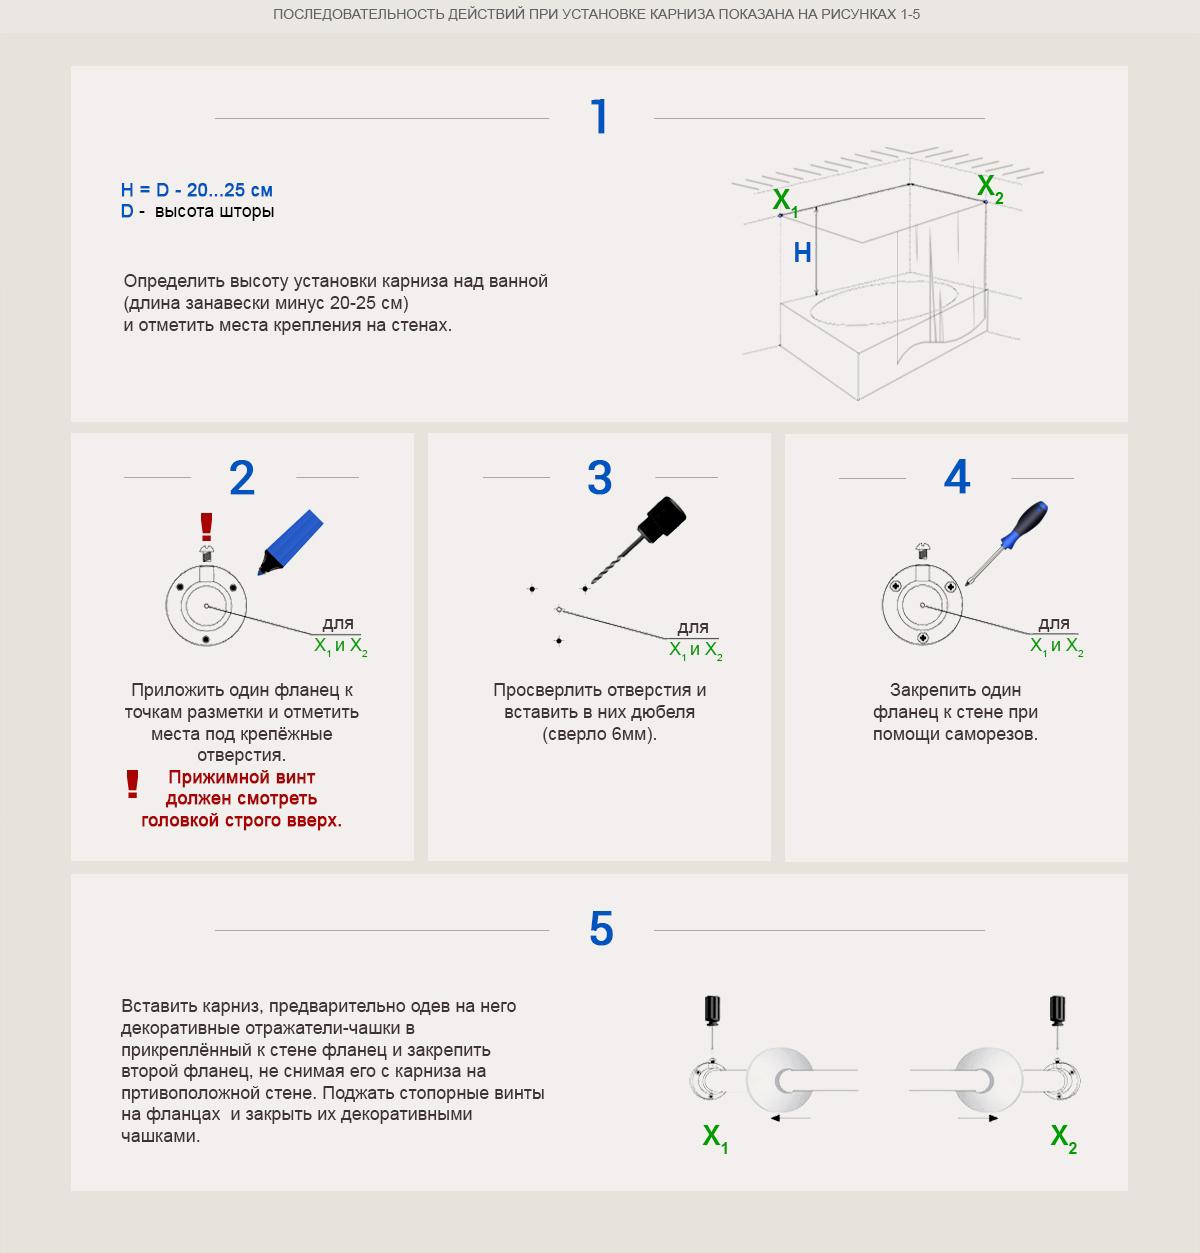 Инструкция по самостоятельной установке